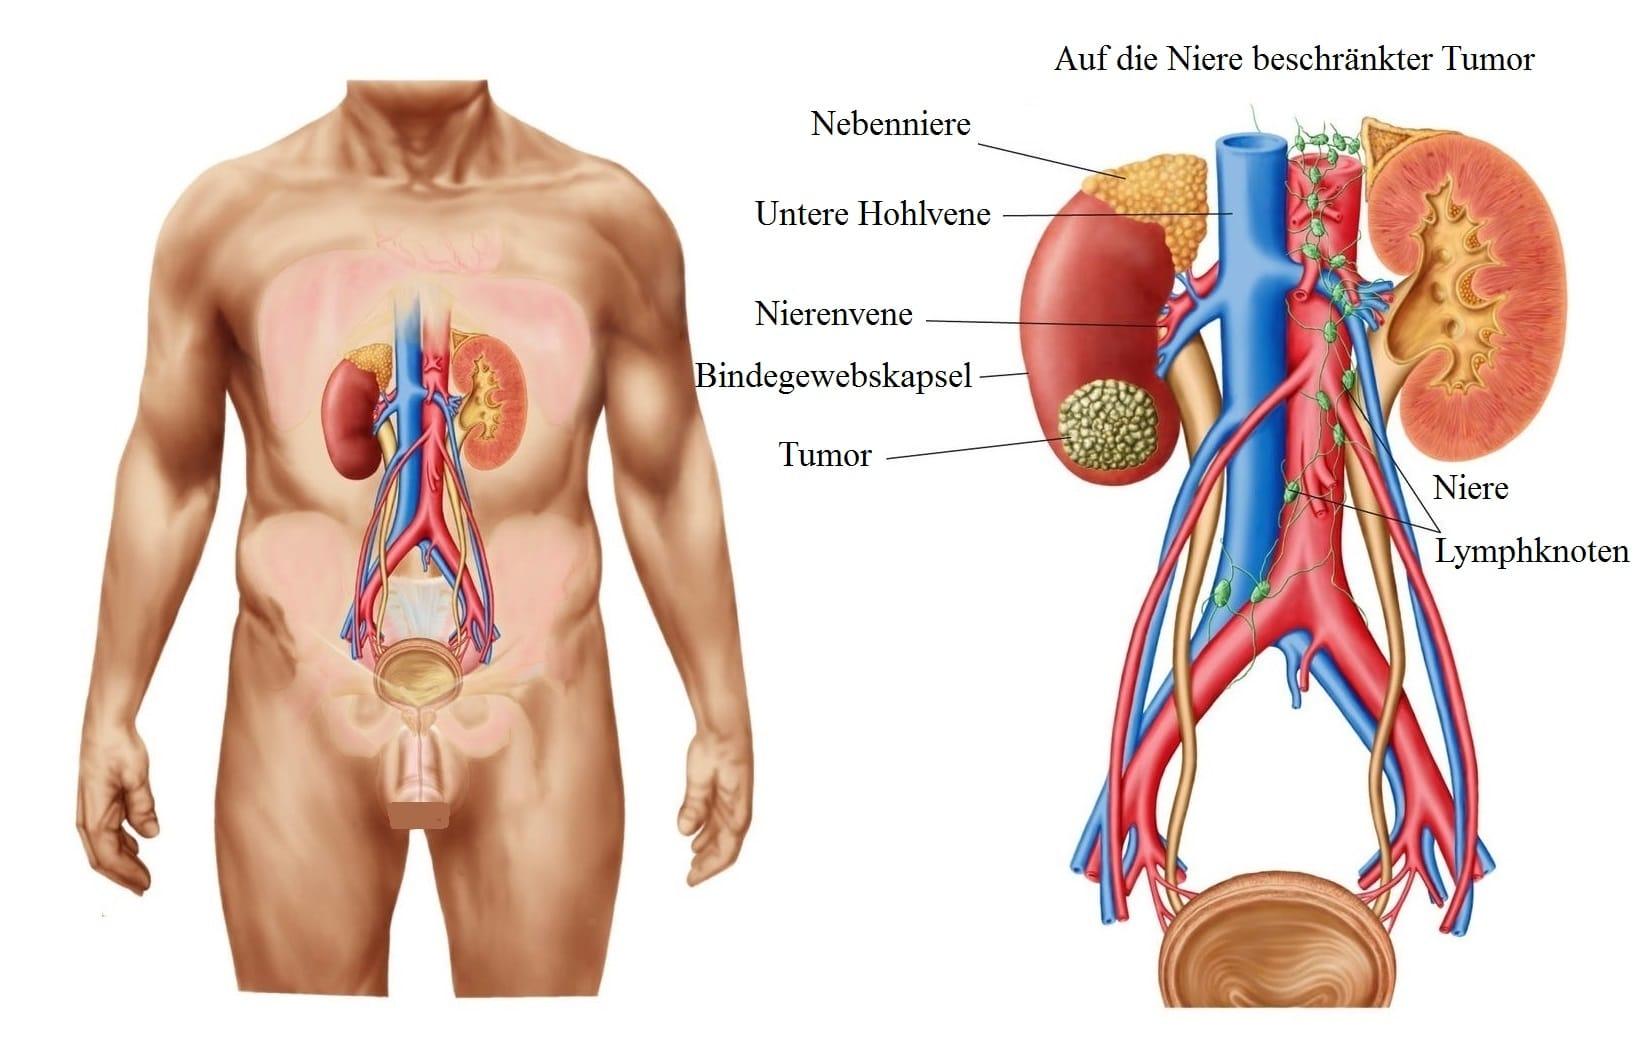 Tumor,Niere,Lymphknoten